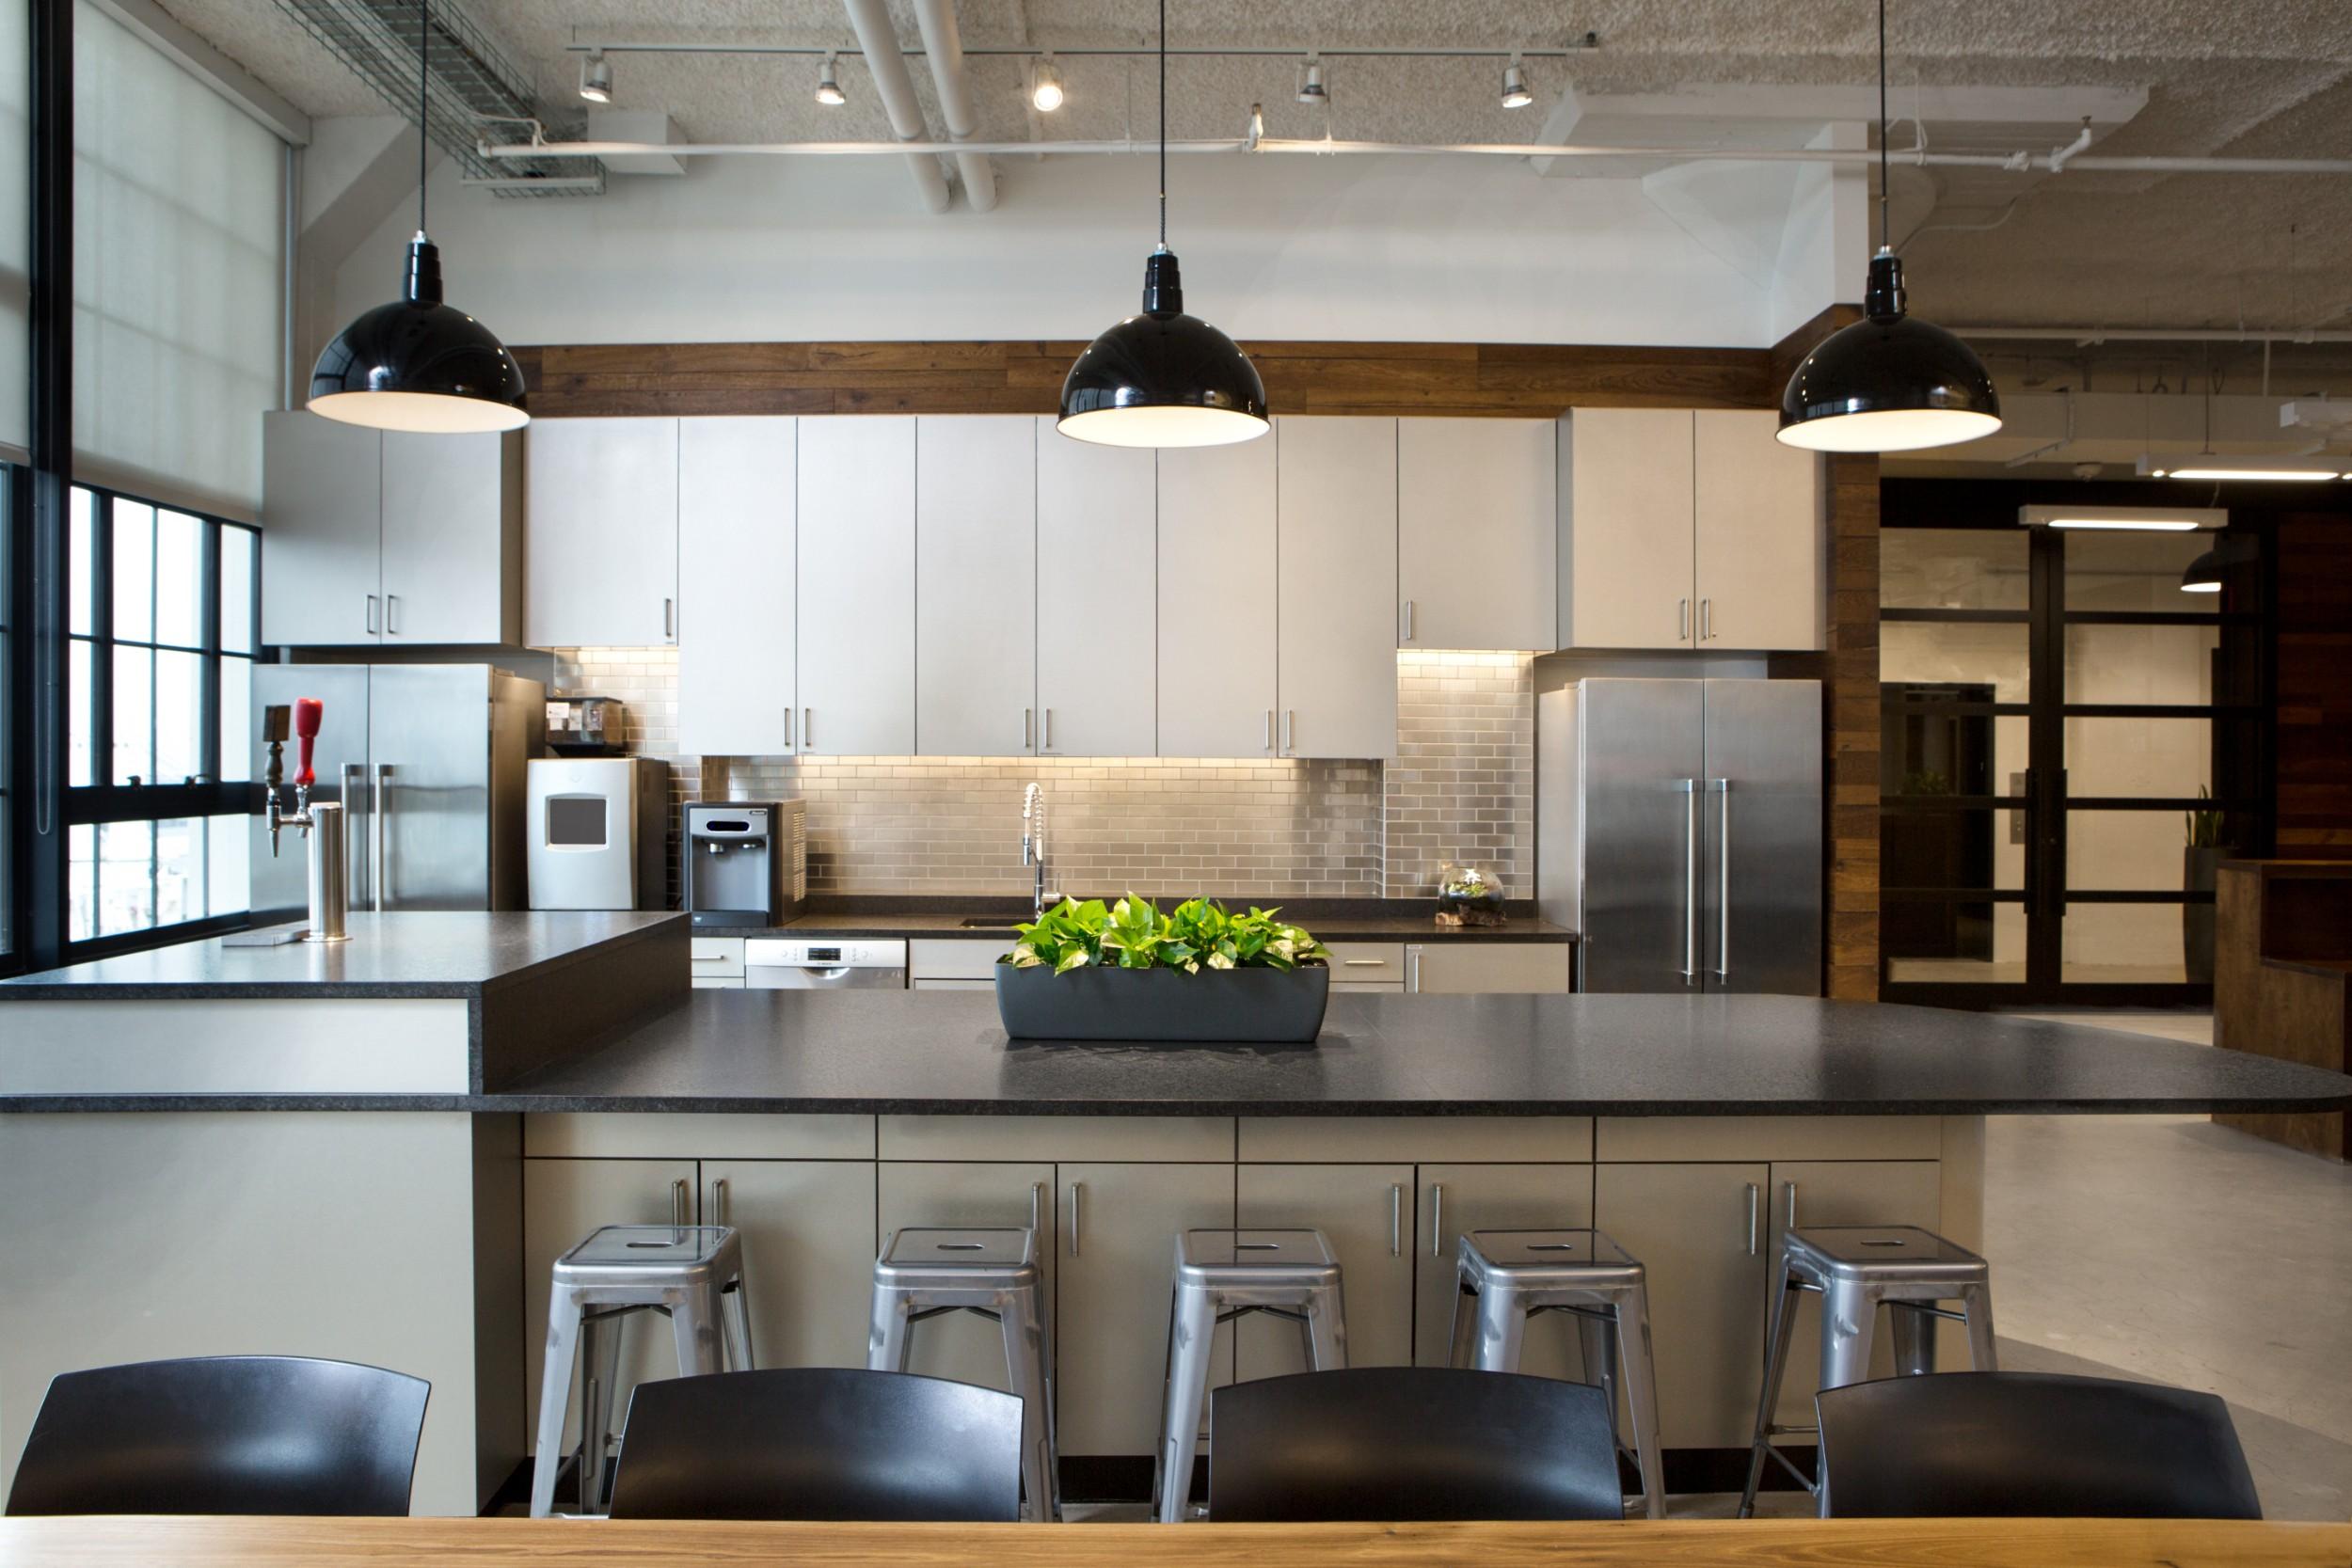 Corderman_Company_Construction_Neoscape_Office_Design_Seaport_Boston_Kitchen.jpg